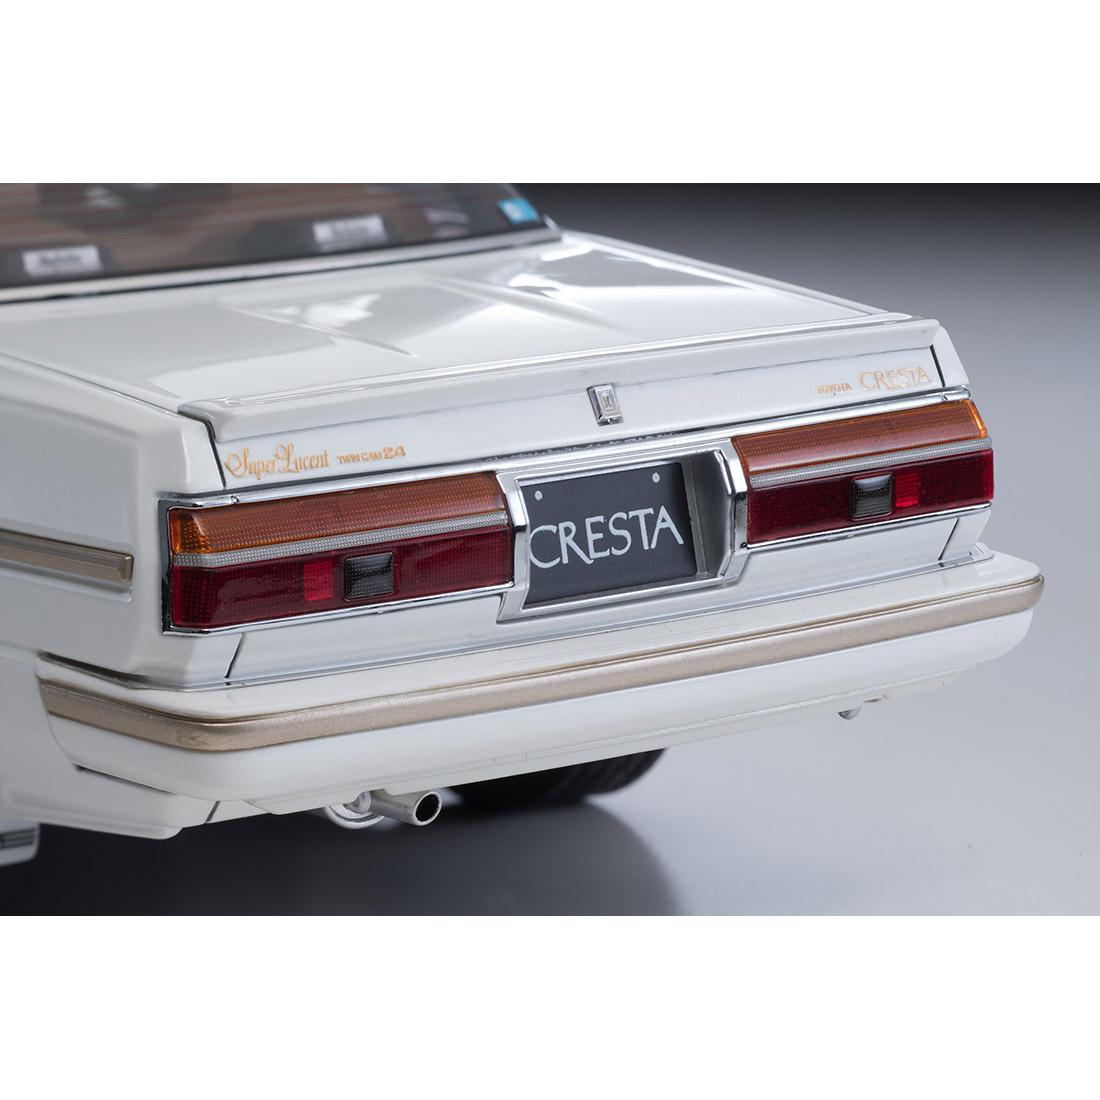 イグニッションモデル×トミーテック T-IG1809『クレスタ スーパールーセント エクシード(パールホワイト)』1/18 ミニカー-009